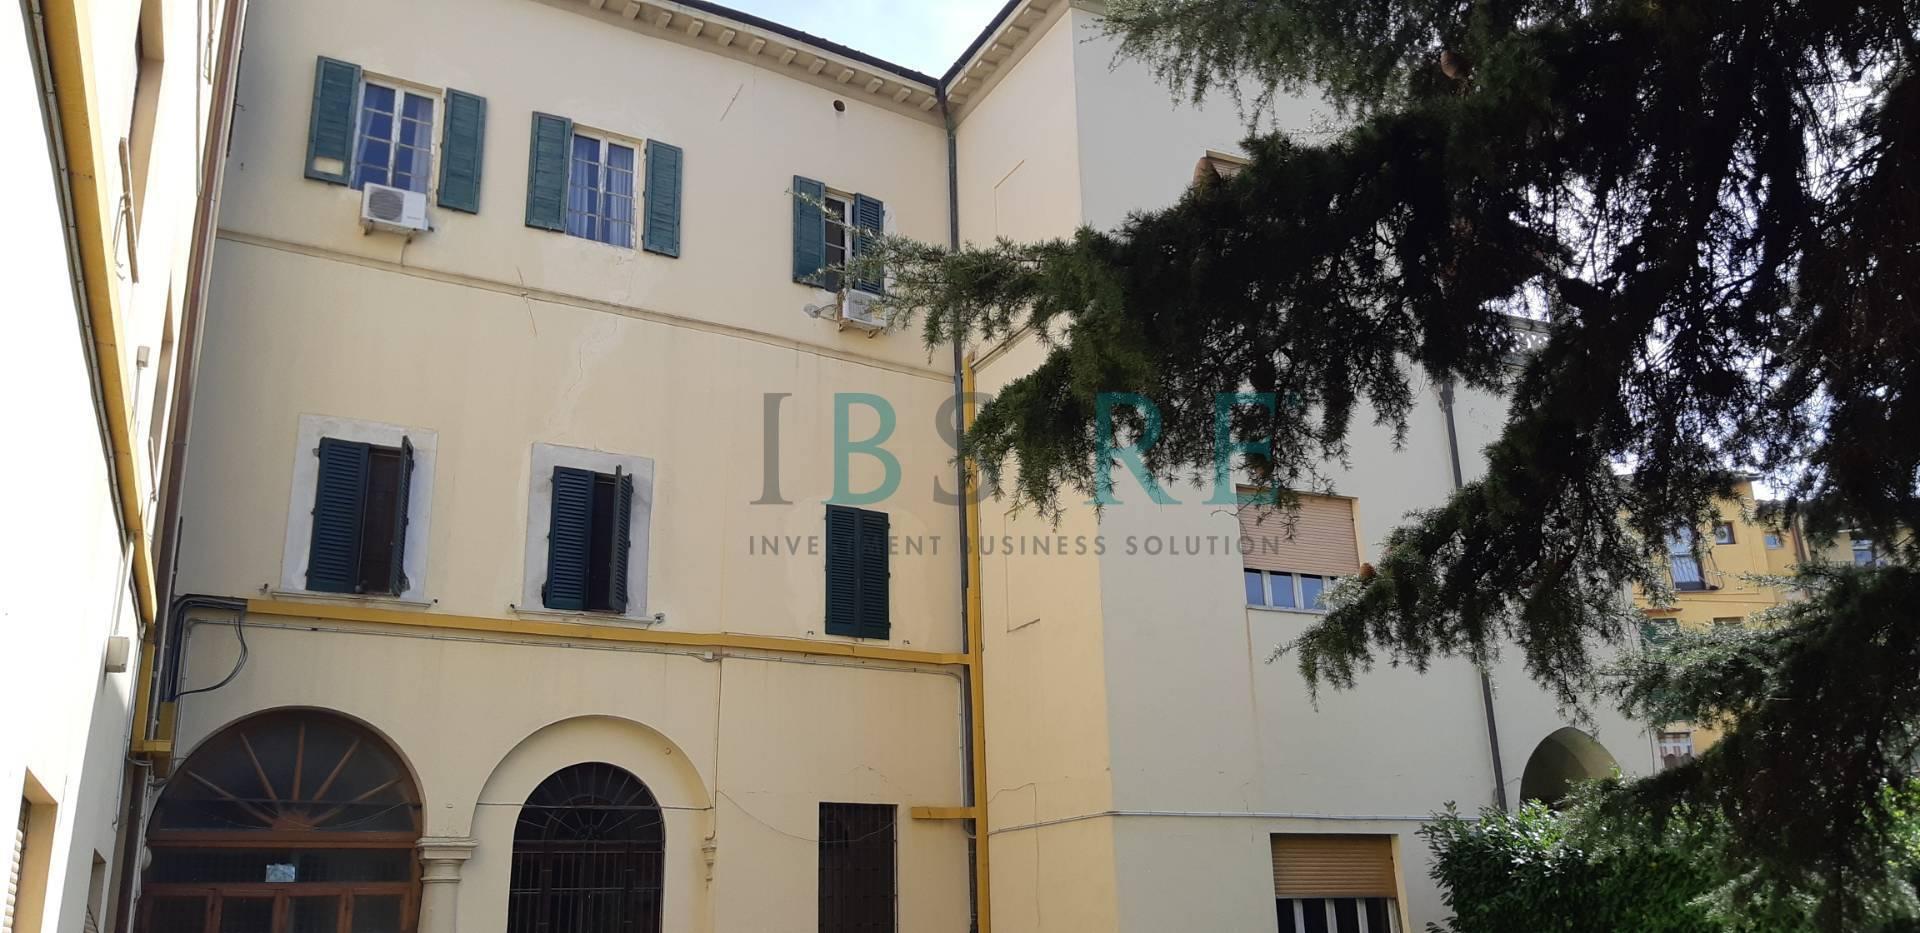 Ufficio / Studio in vendita a Pisa, 9999 locali, prezzo € 3.630.000   CambioCasa.it